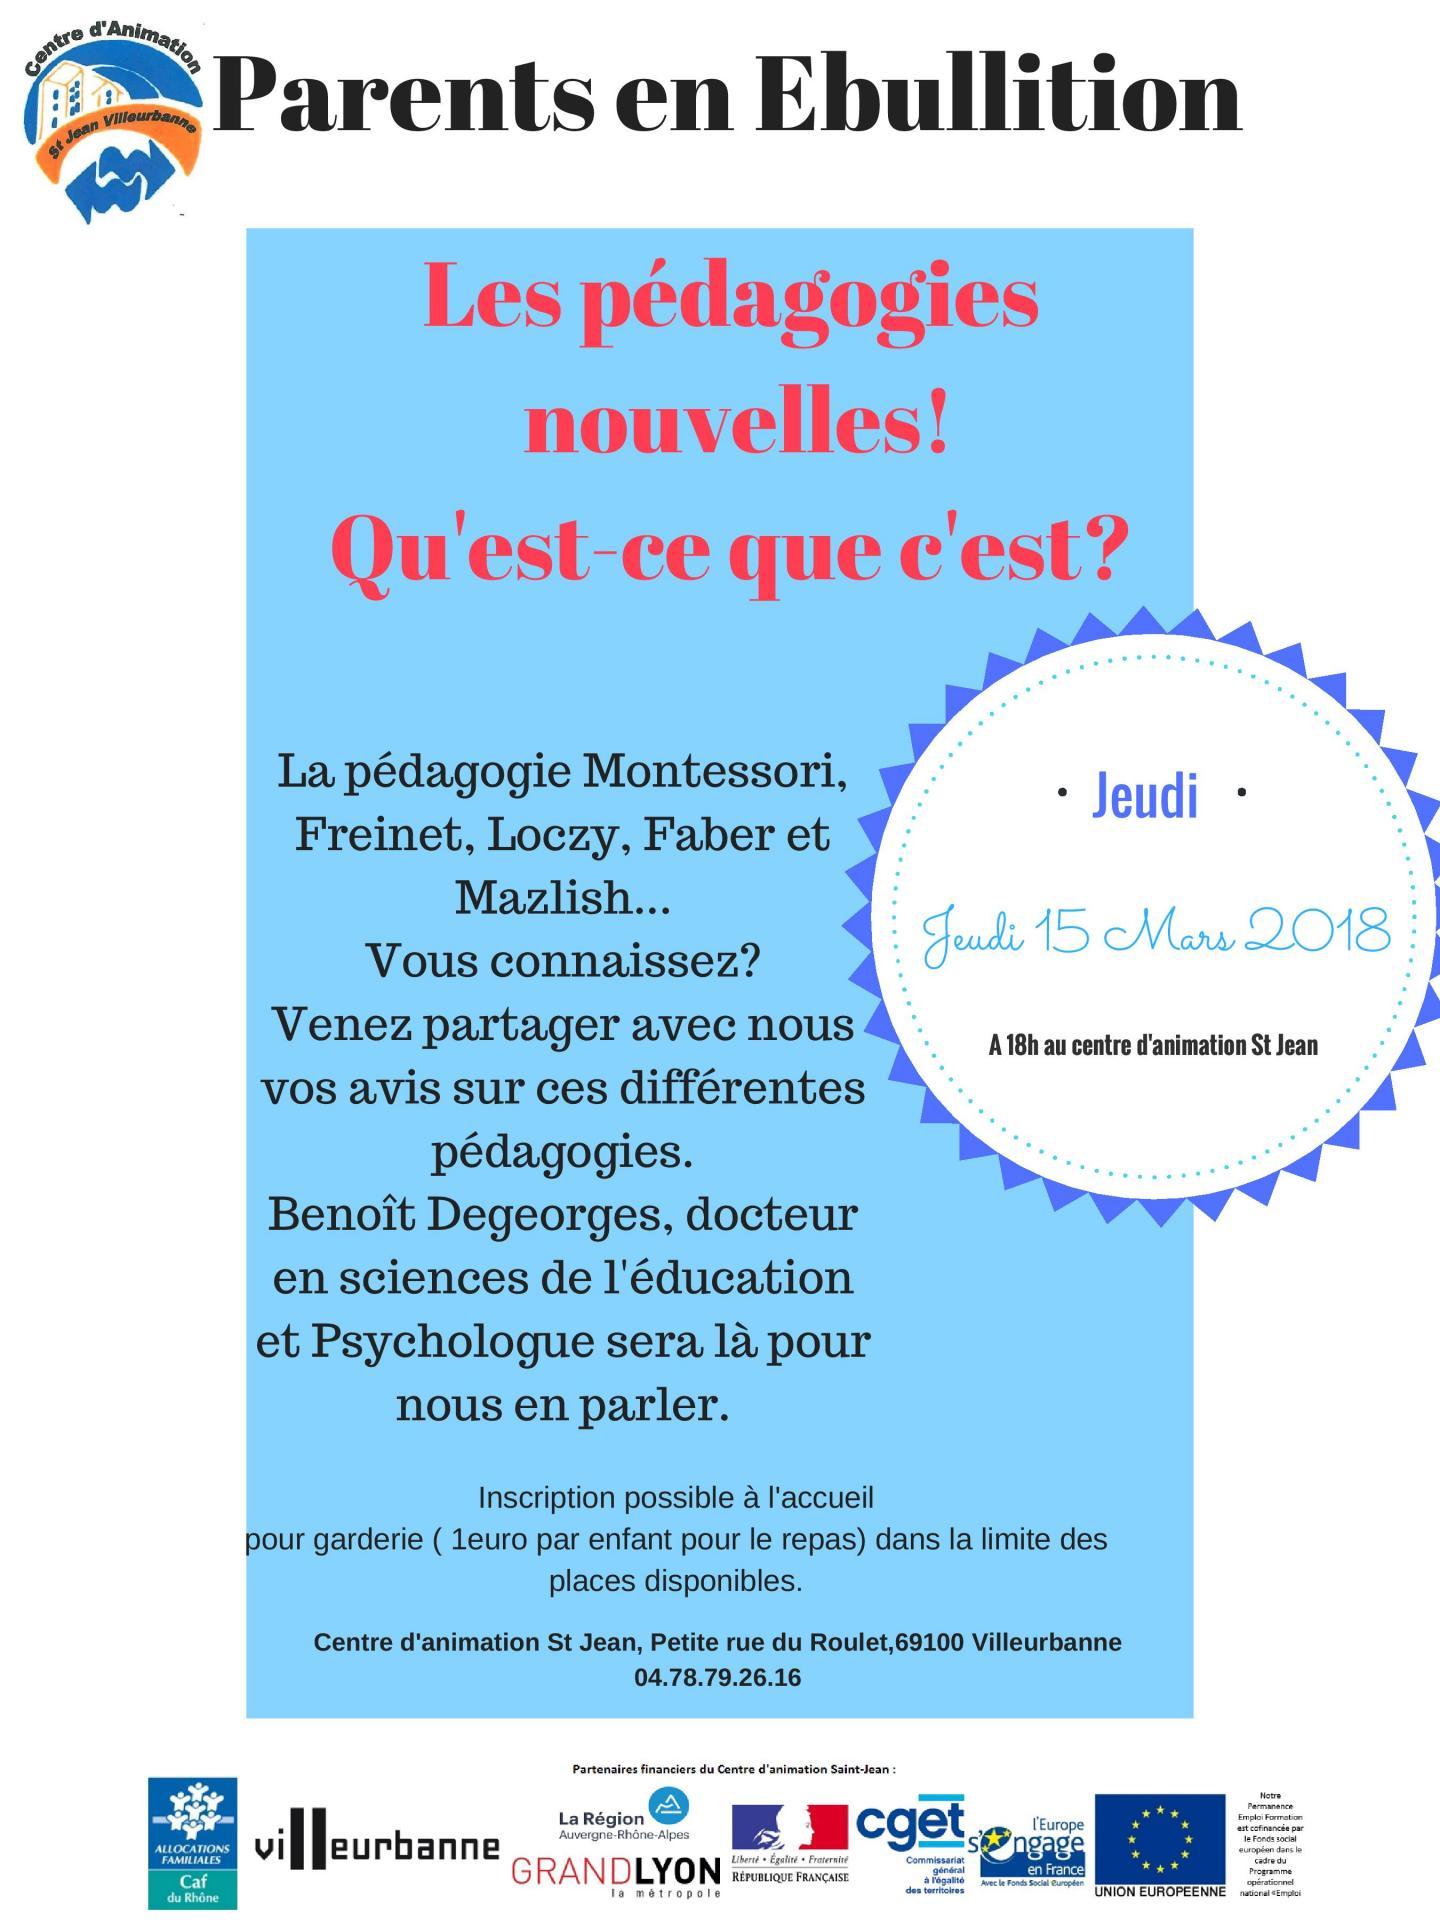 Les pedagogies nouvelles page 001